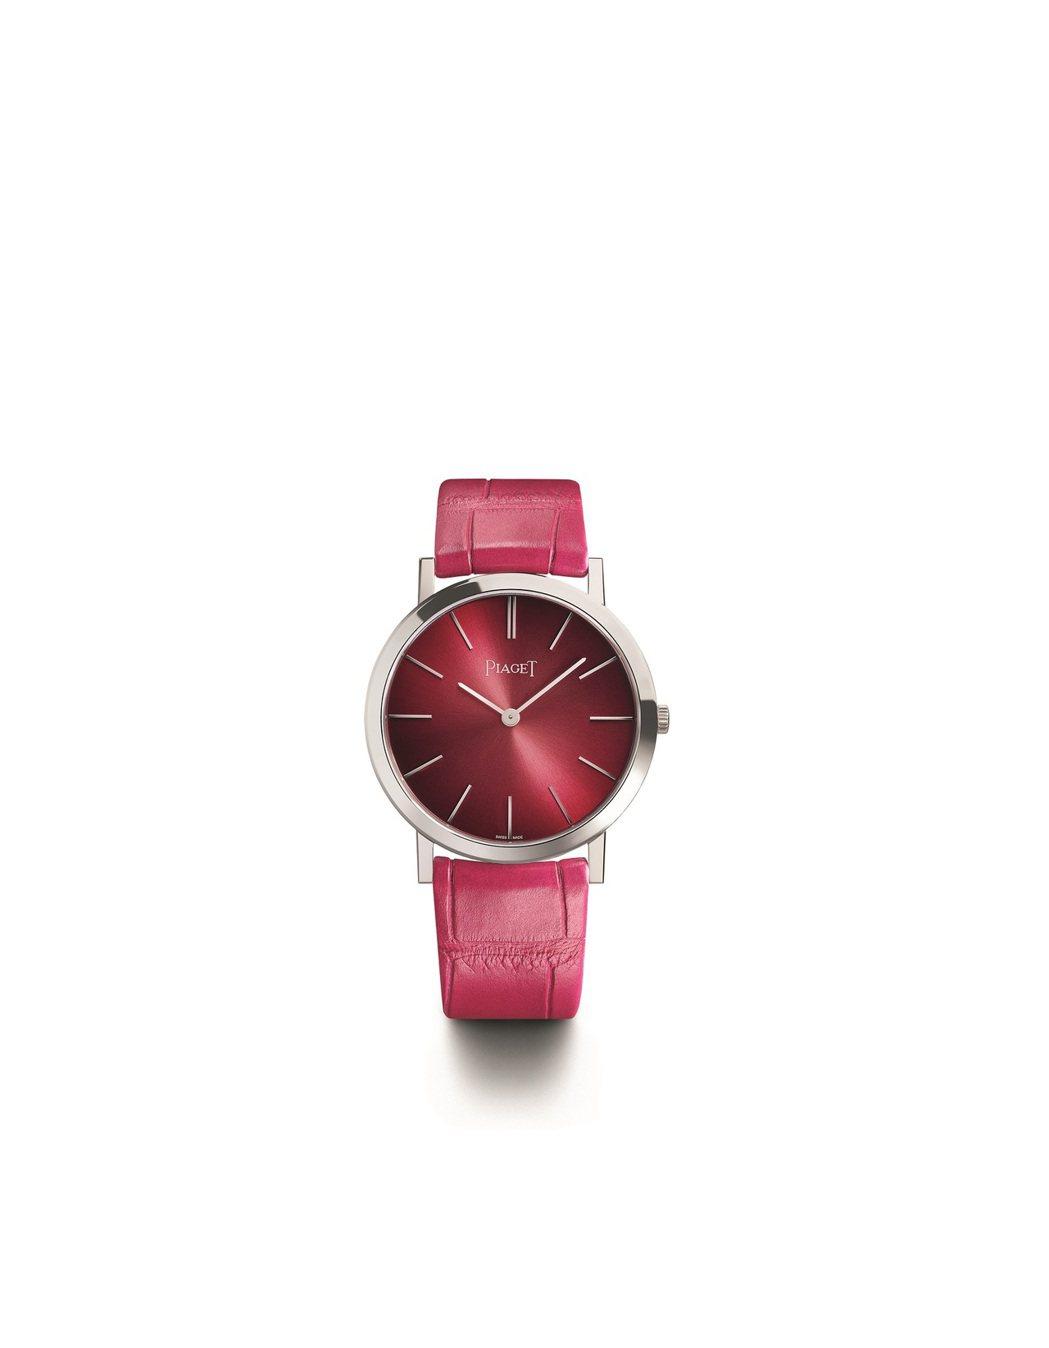 Altiplano六十周年系列34毫米18K白金漸層粉紅腕表,57萬元。圖/伯爵...